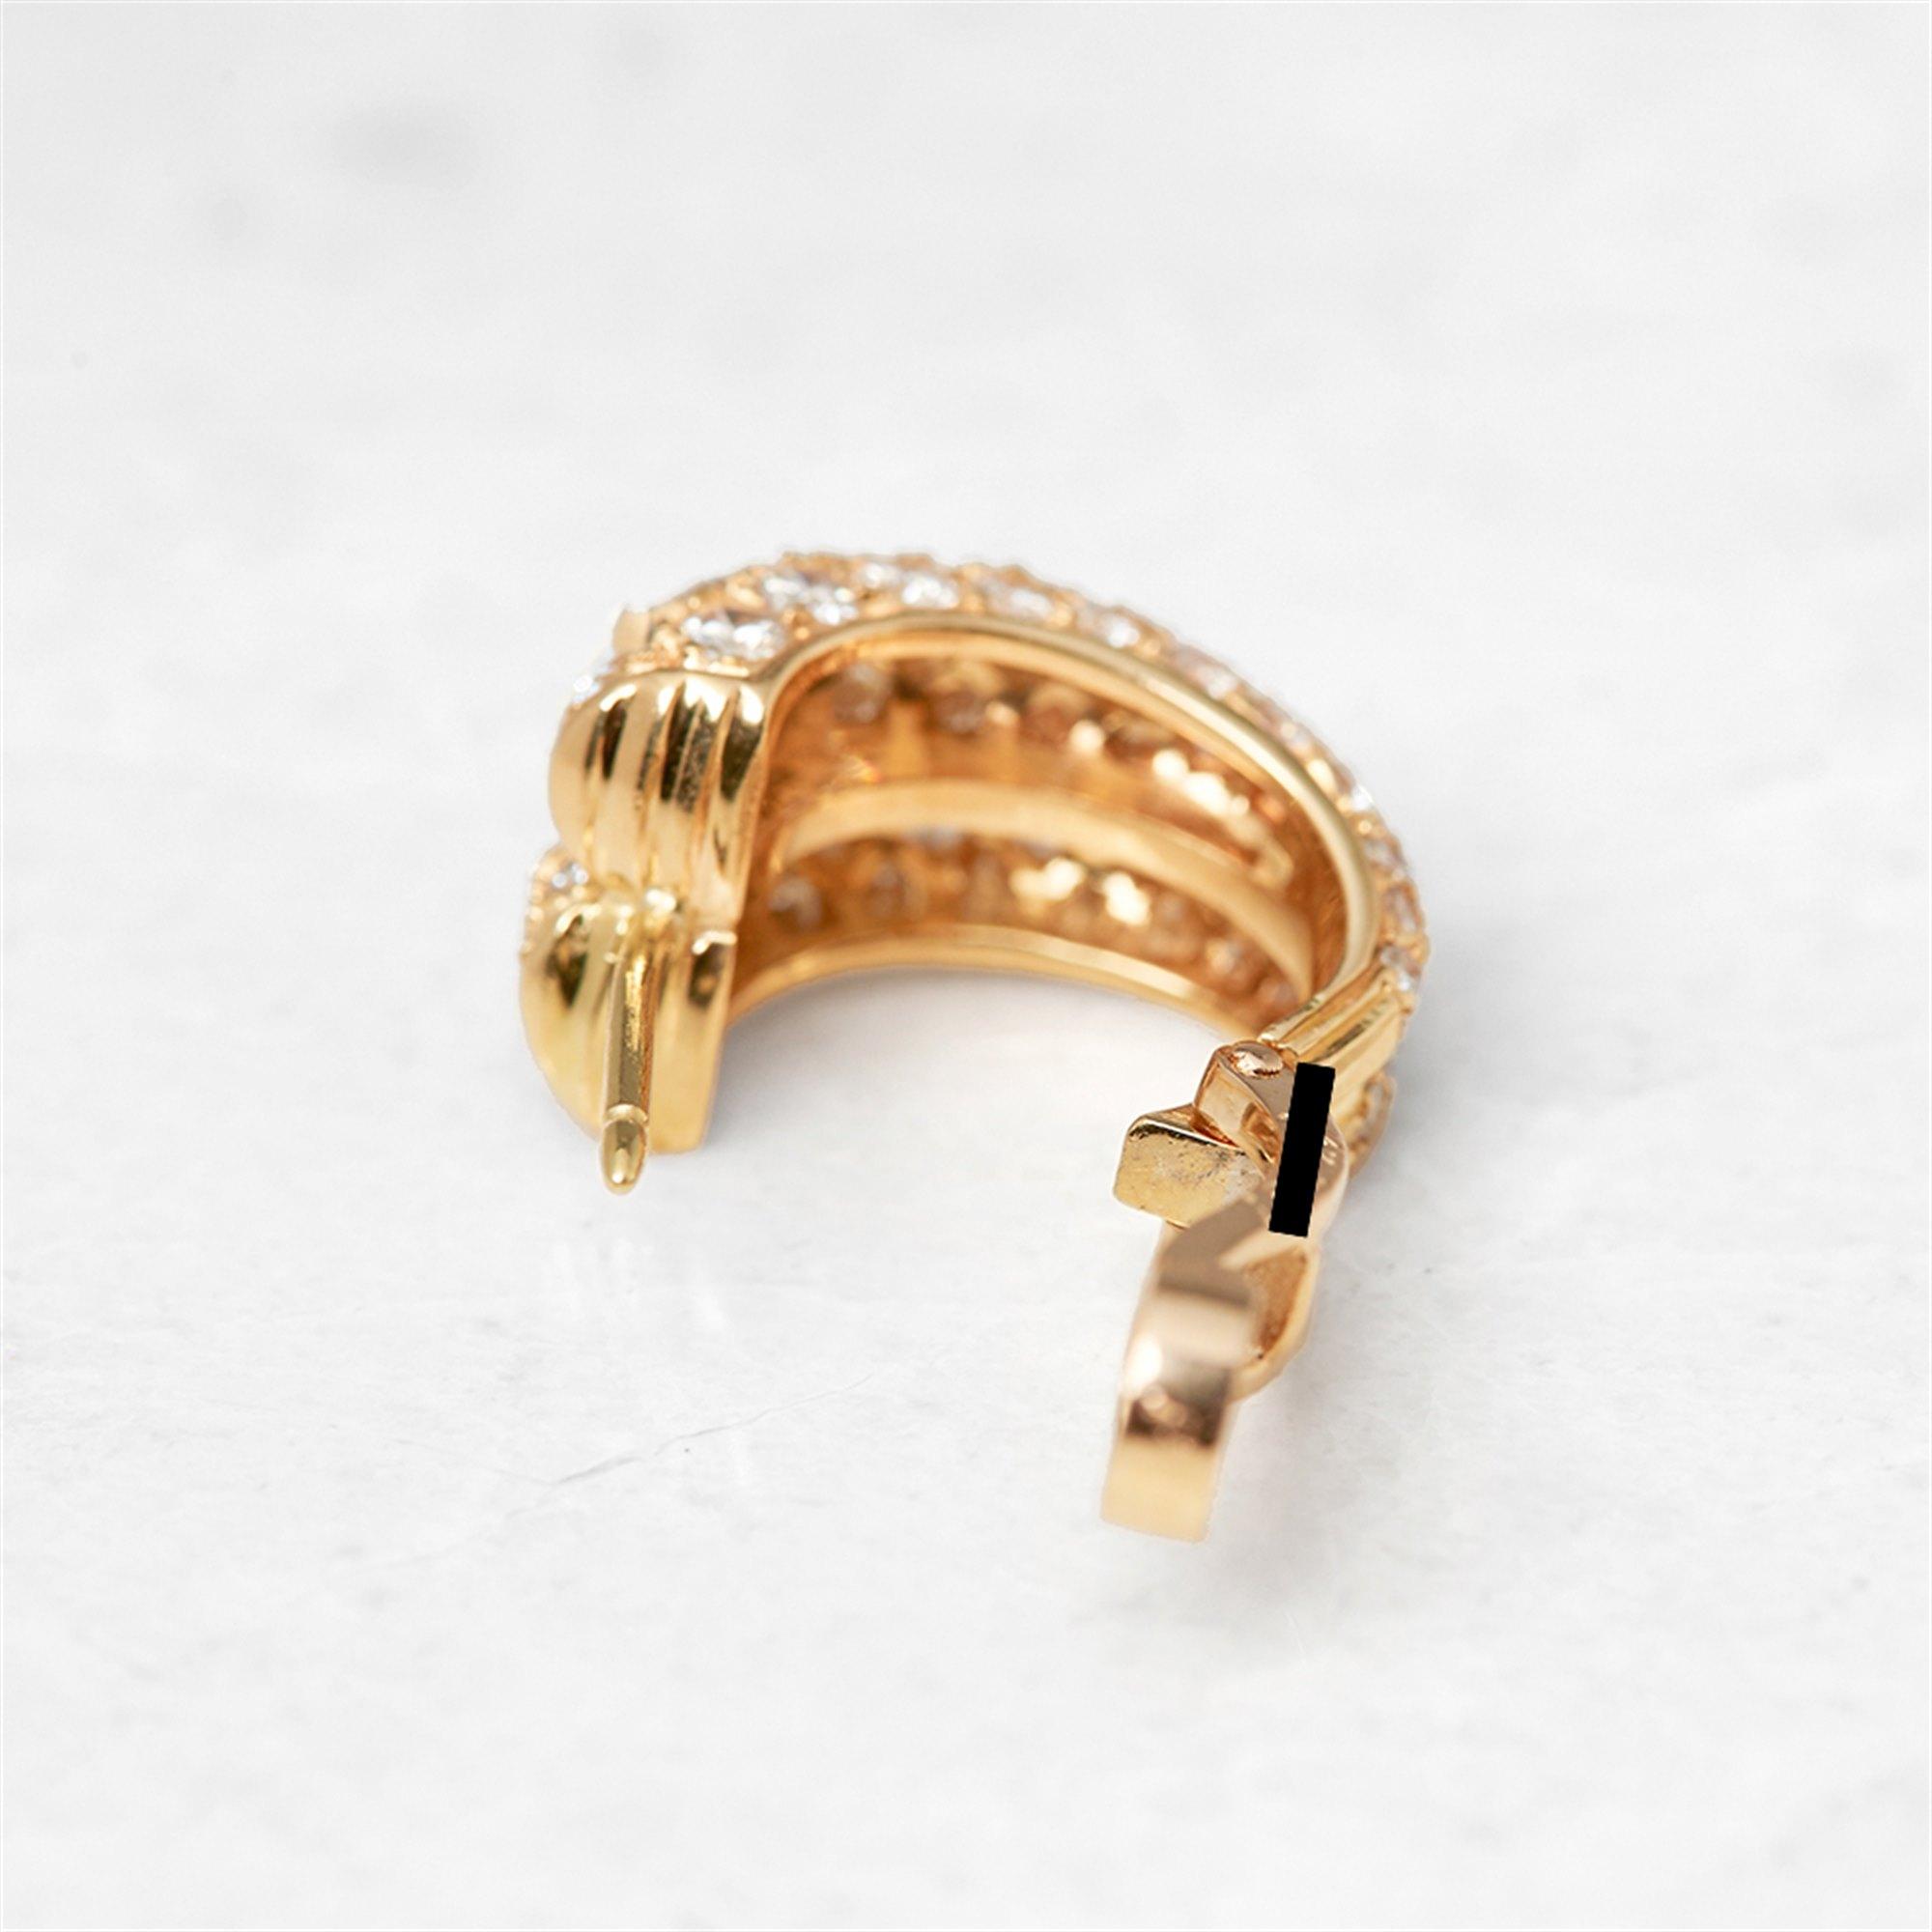 Cartier 18k Yellow Gold Diamond Double Hoop Earrings